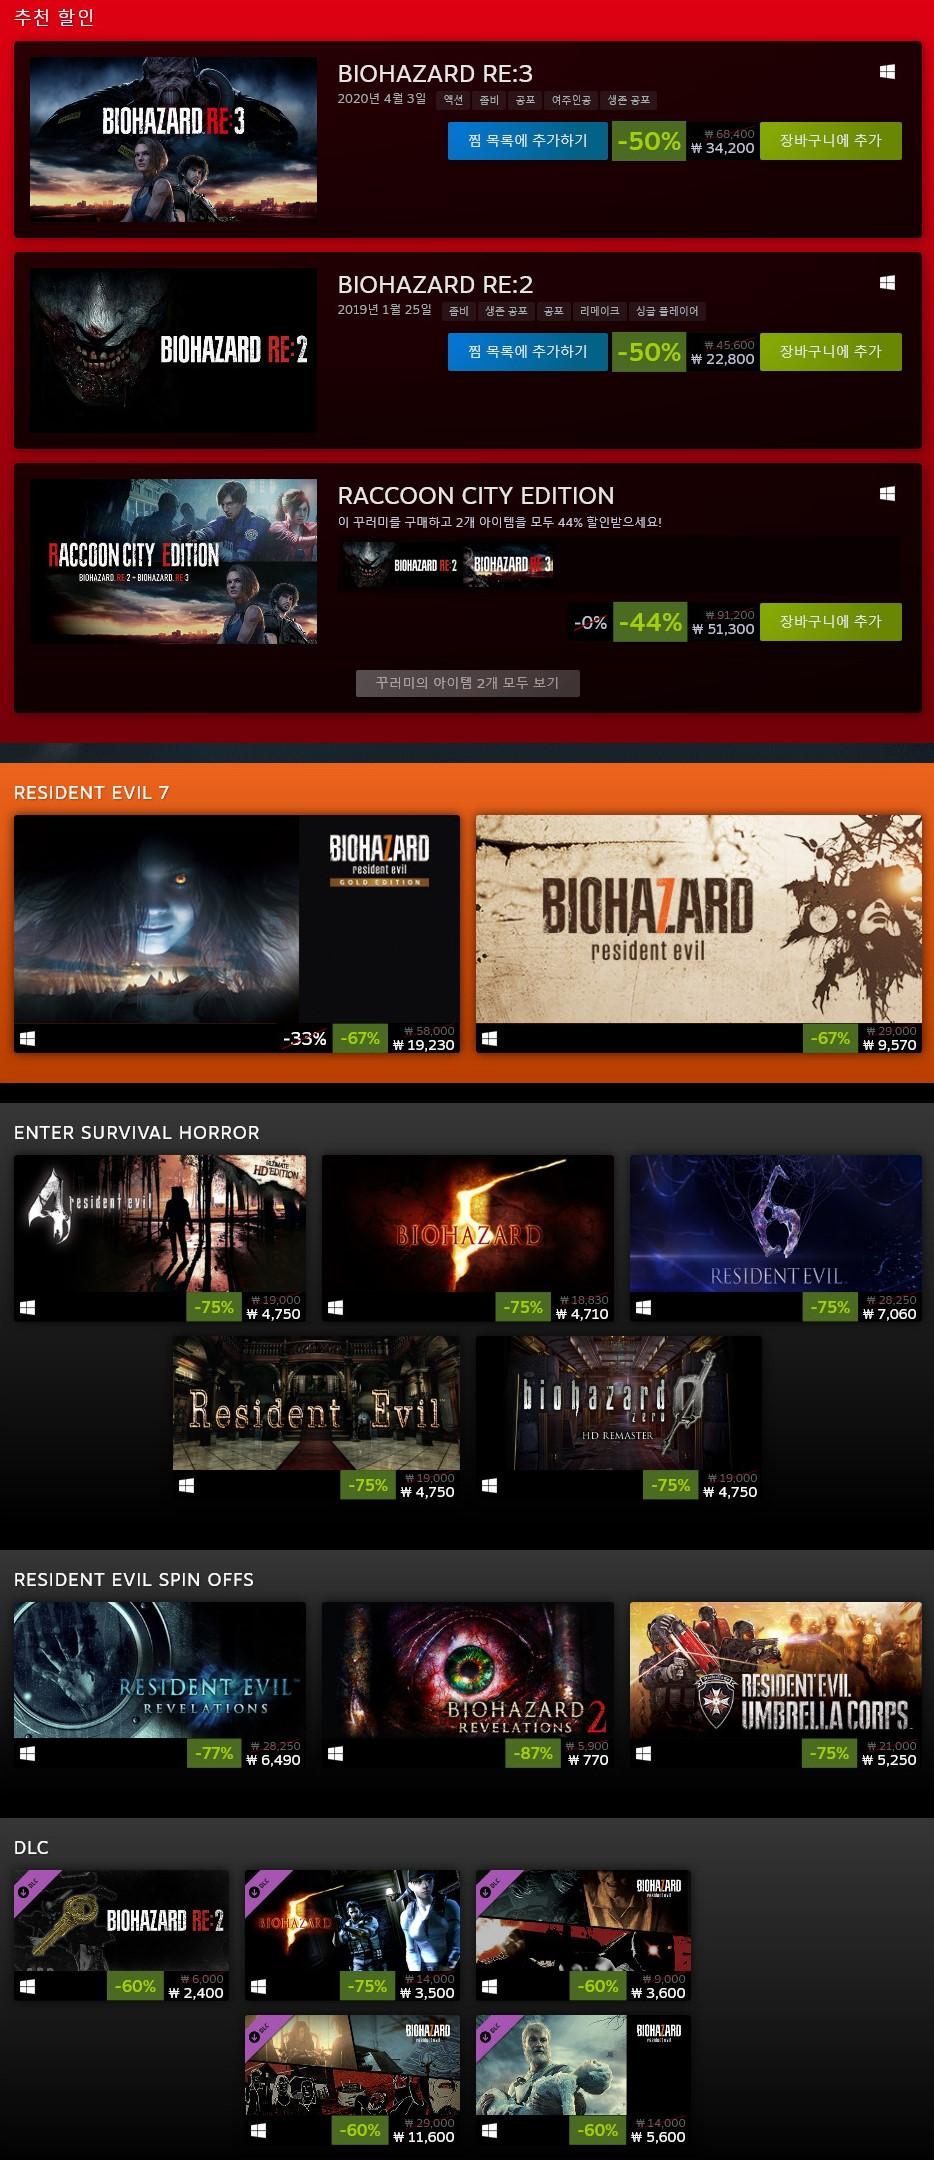 Screenshot_2020-09-18 Resident Evil Franchise Sale.jpg